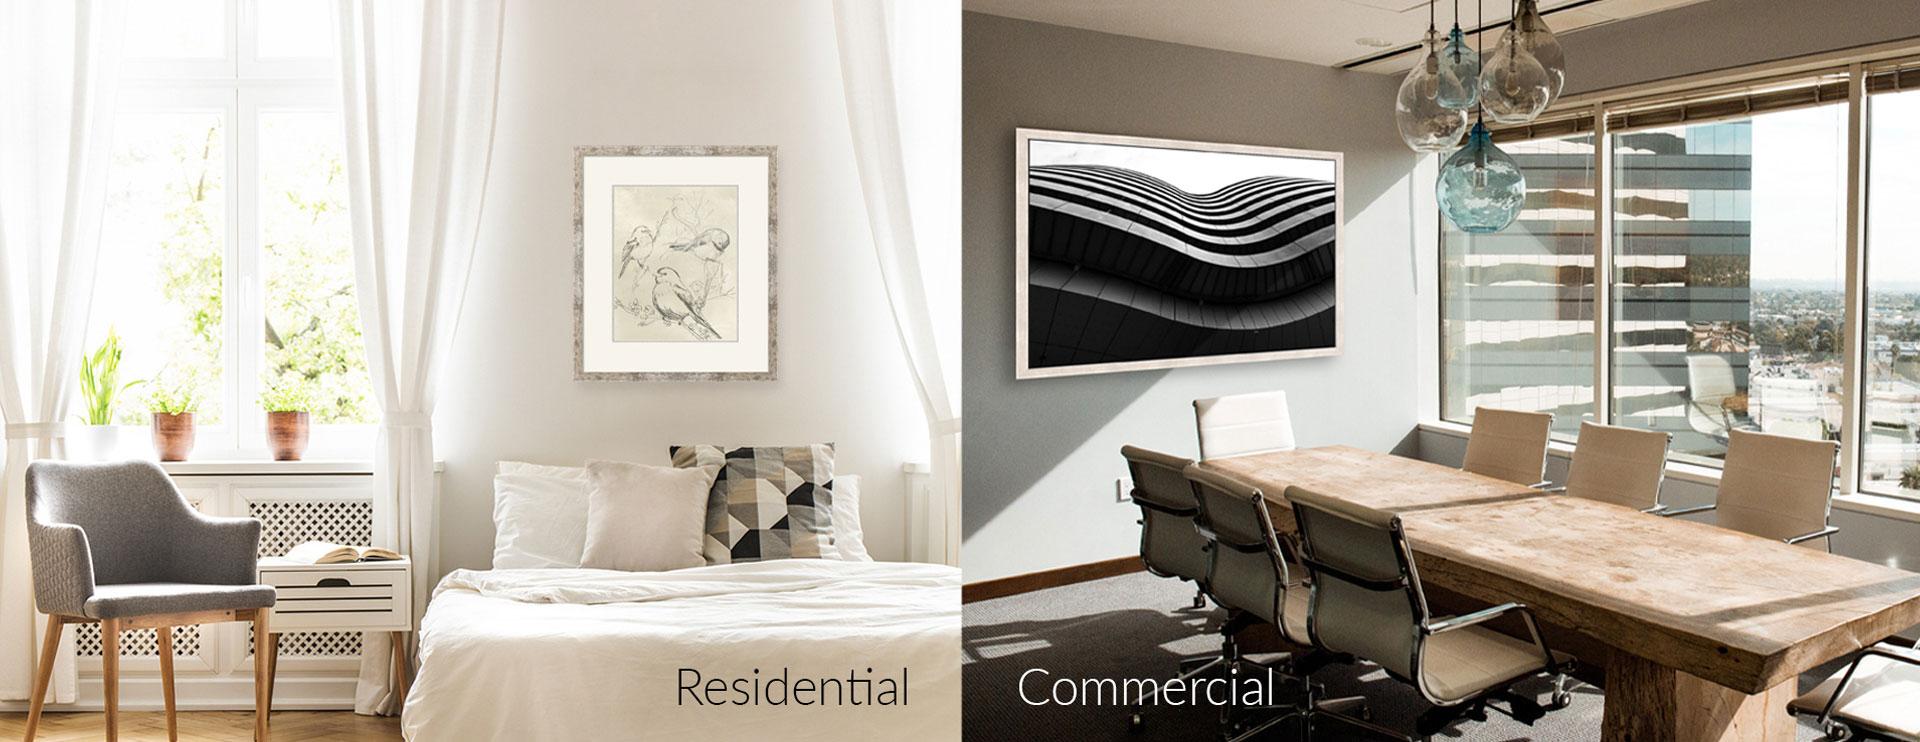 Residential & Commercial Larson Juhl Frames